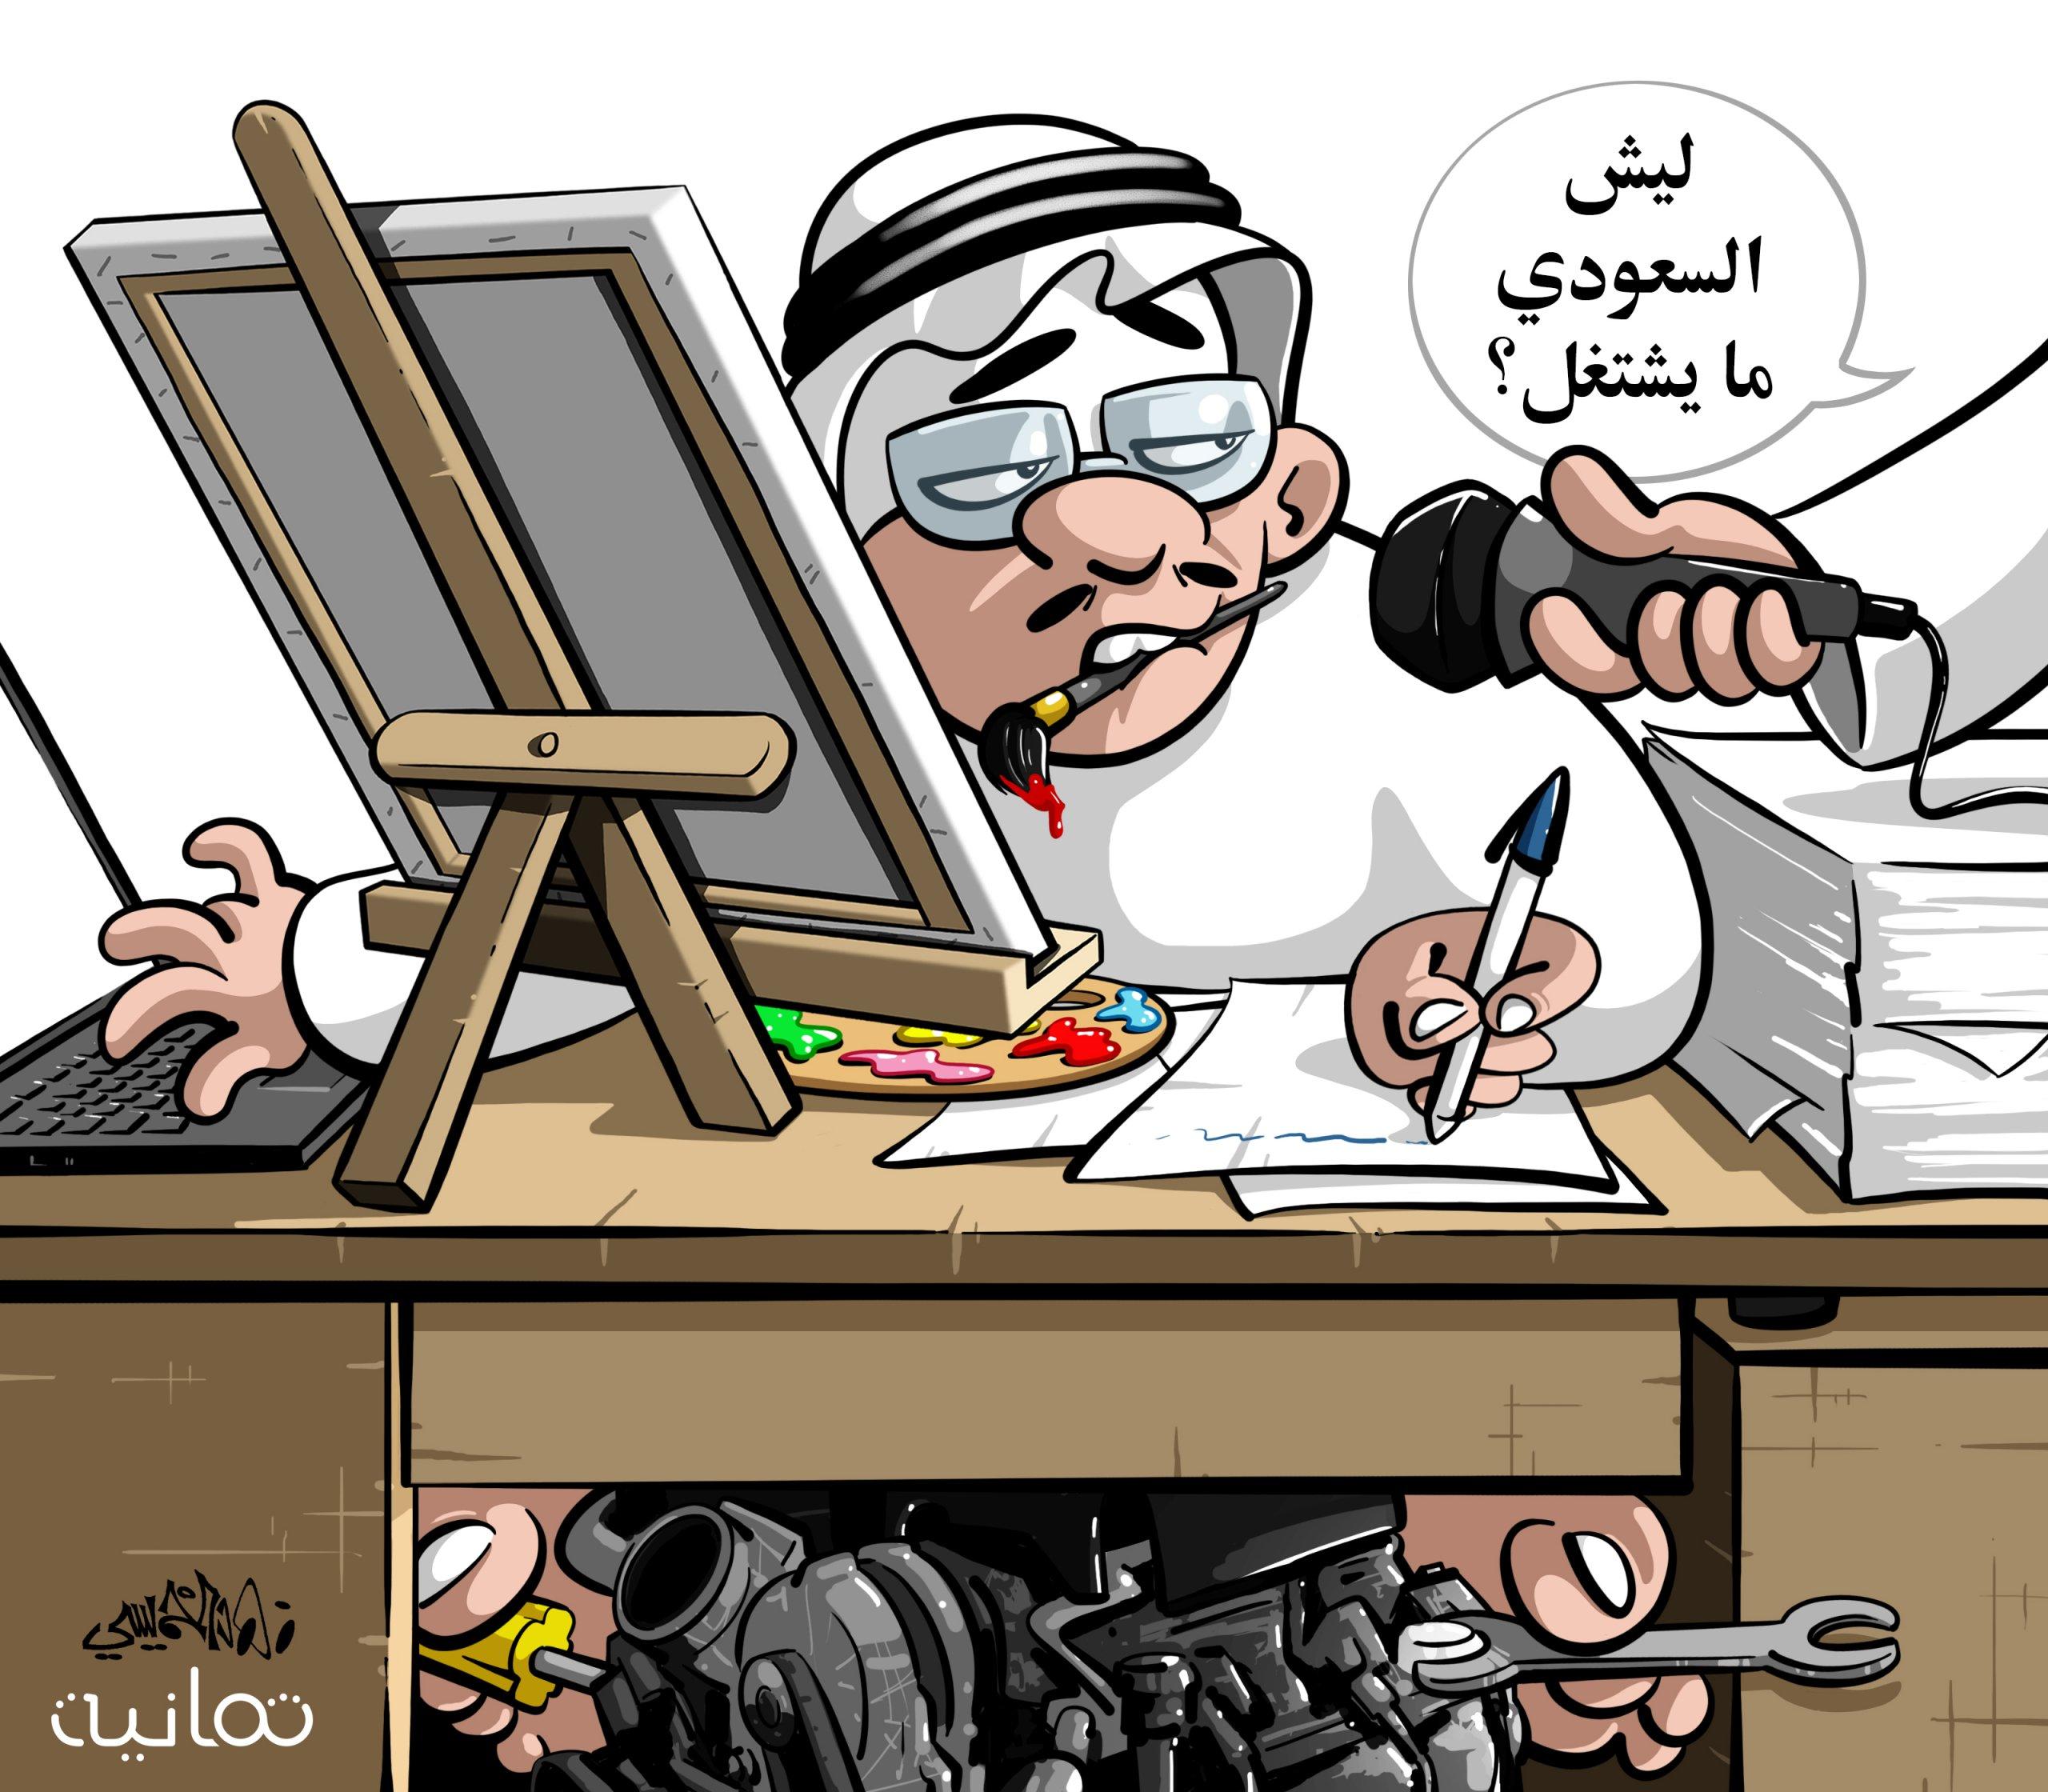 ليش السعودي ما يشتغل؟